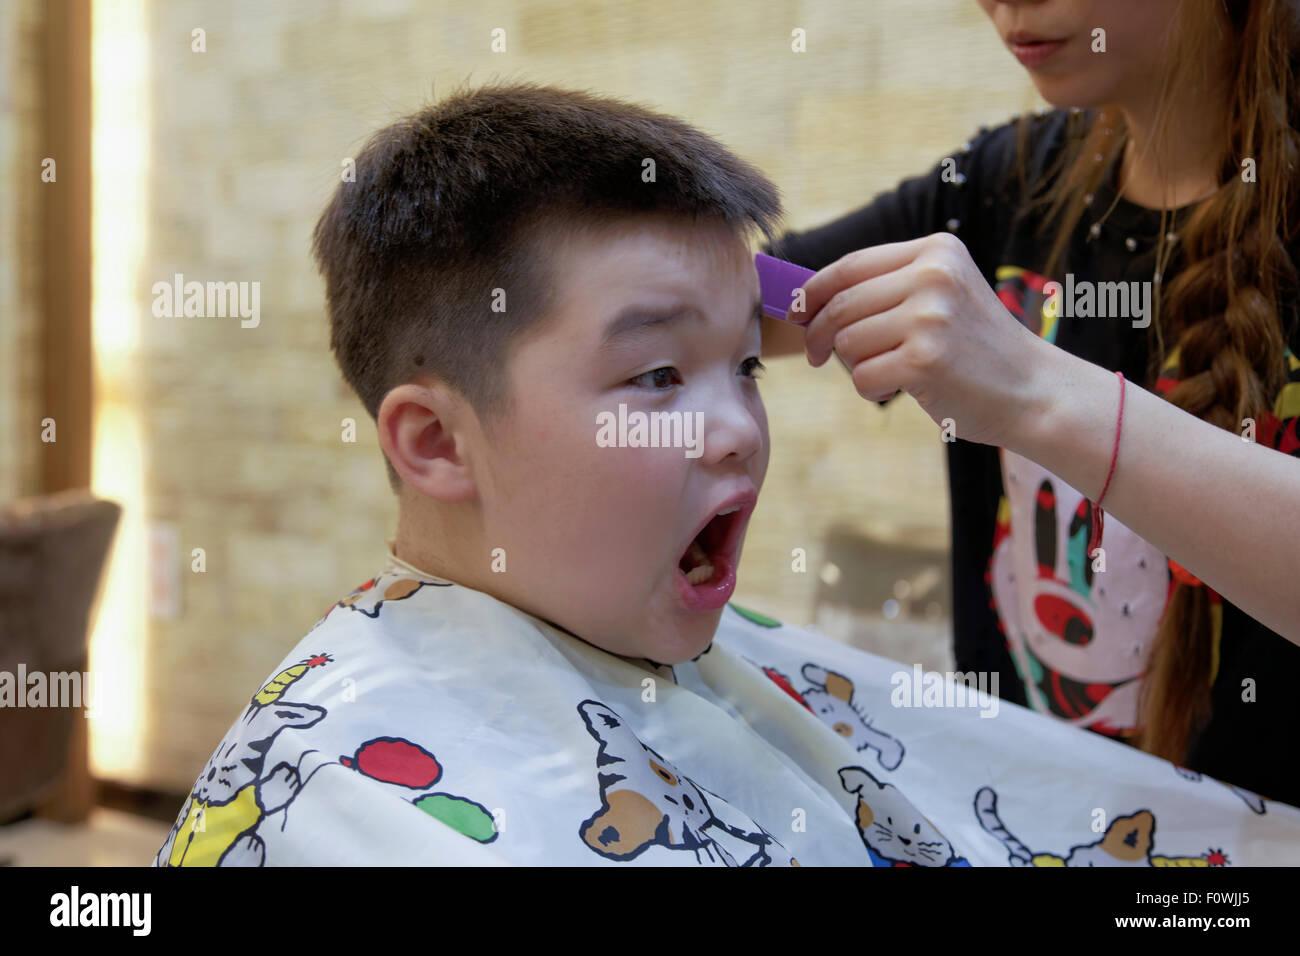 Ein 7 Jahriger Mischlinge Junge Immer Eine Haar Schneiden Stockfoto